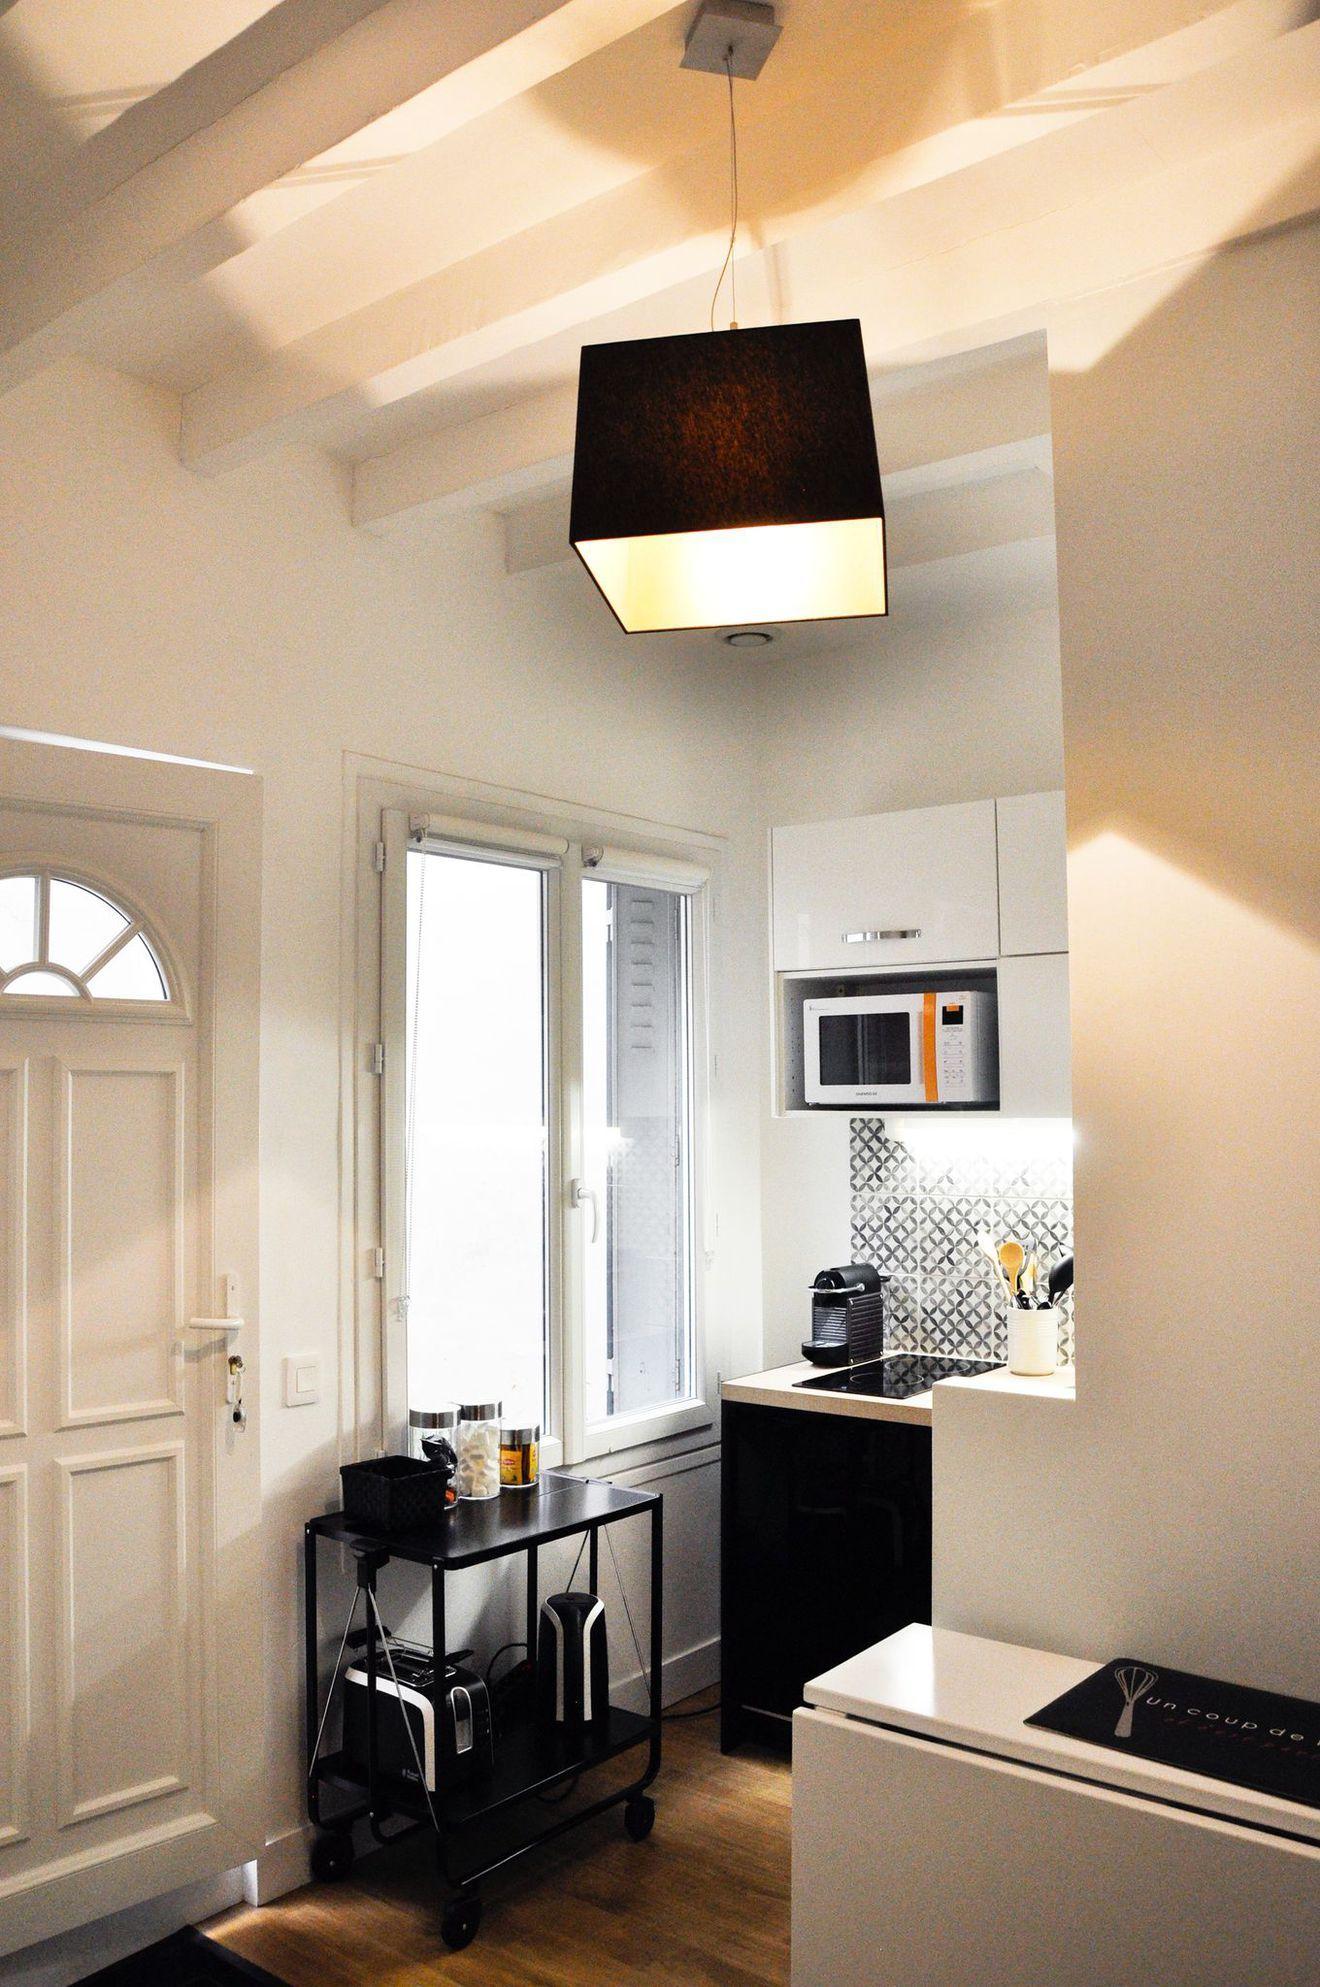 Architecte Interieur Paris 18 studio étudiant paris 18 : un duplex de 19m2 fonctionnel et